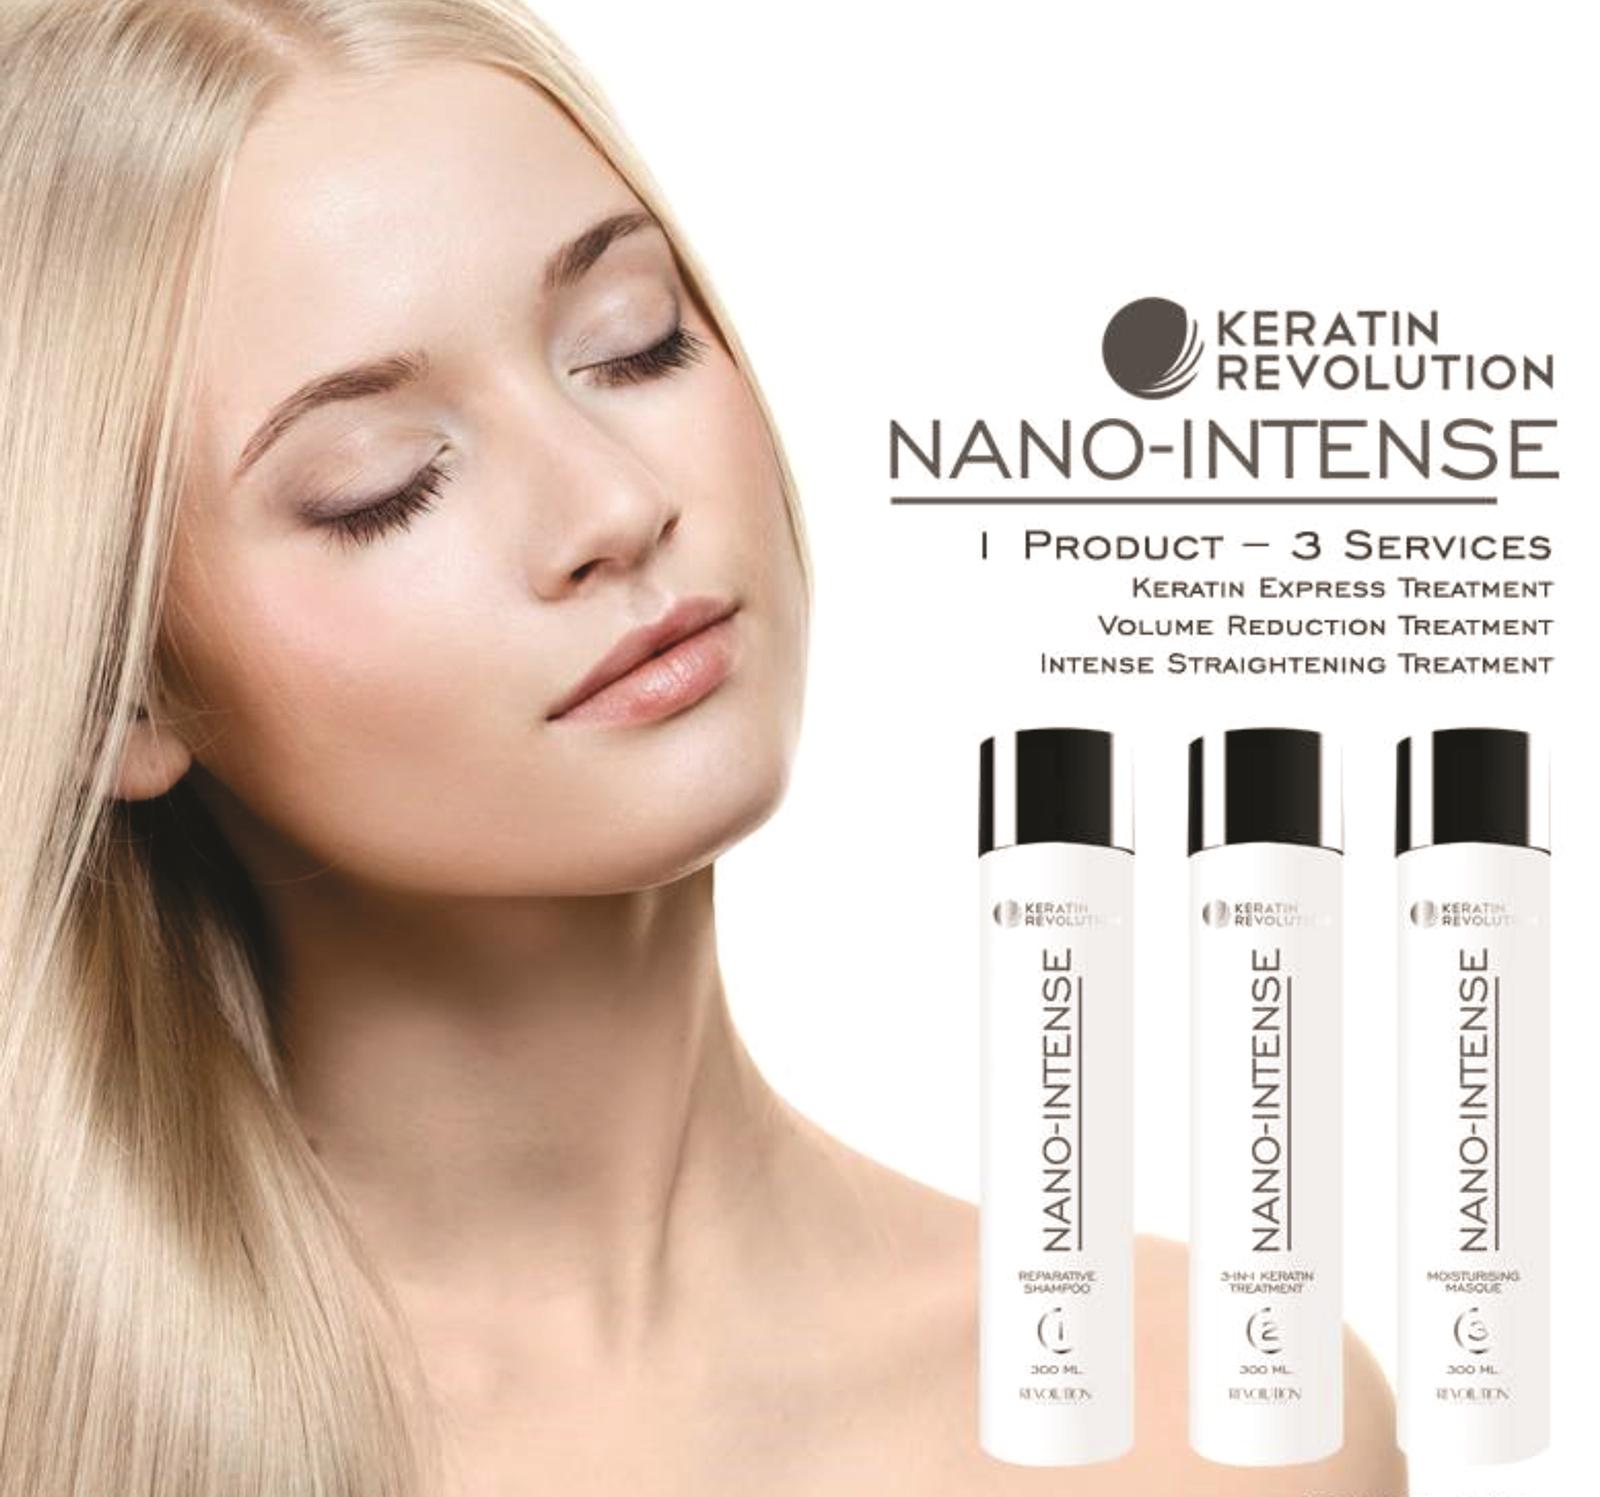 Magic straight perm vs keratin - Keratin Treatment Available At Salon Cleo Phoenix 0315009998 Anti Frizz Hair Straightening Treatment Salon Cleo 0315002353